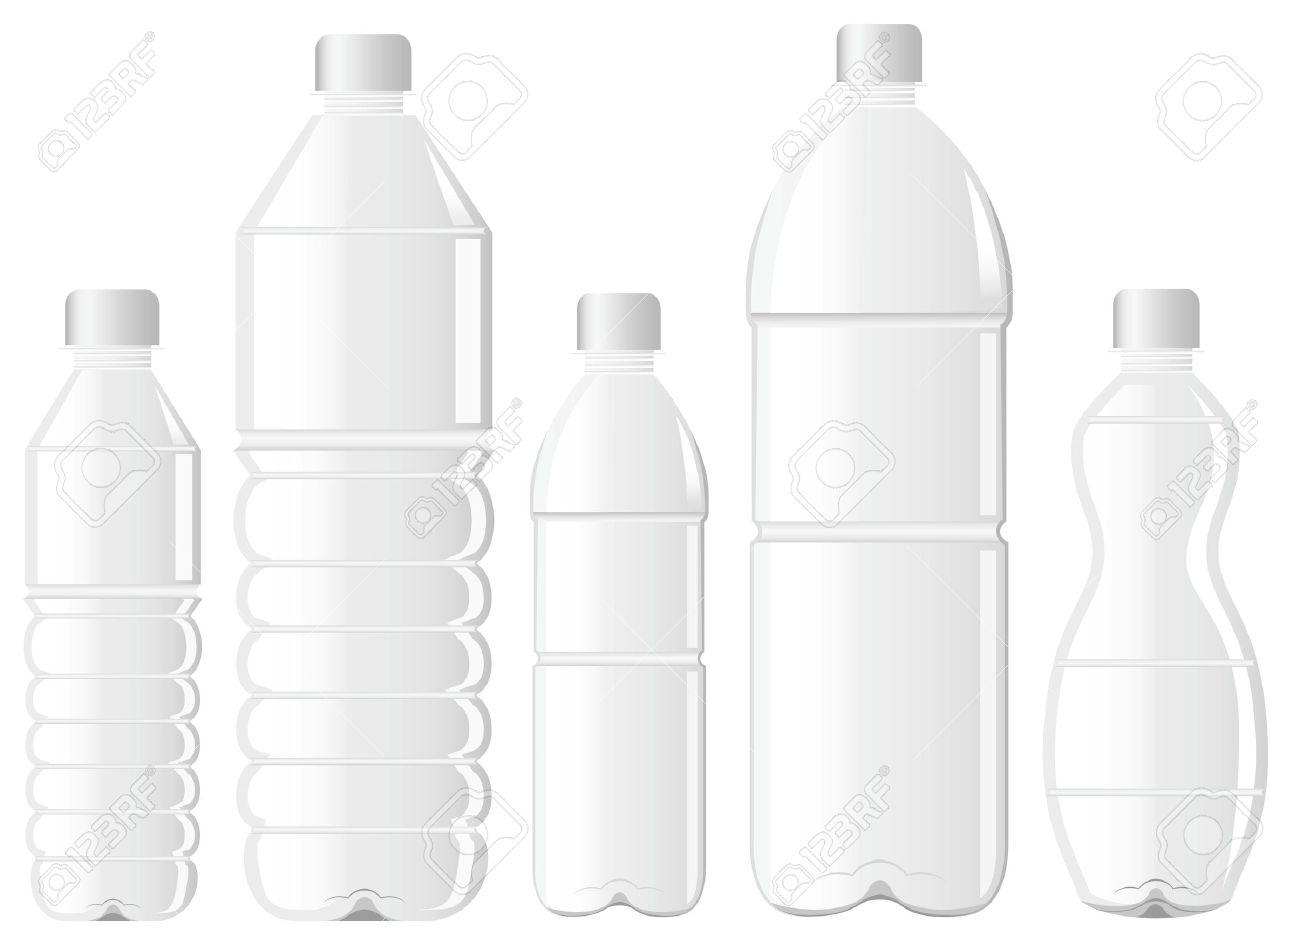 pet bottle bottle of water - 21732396